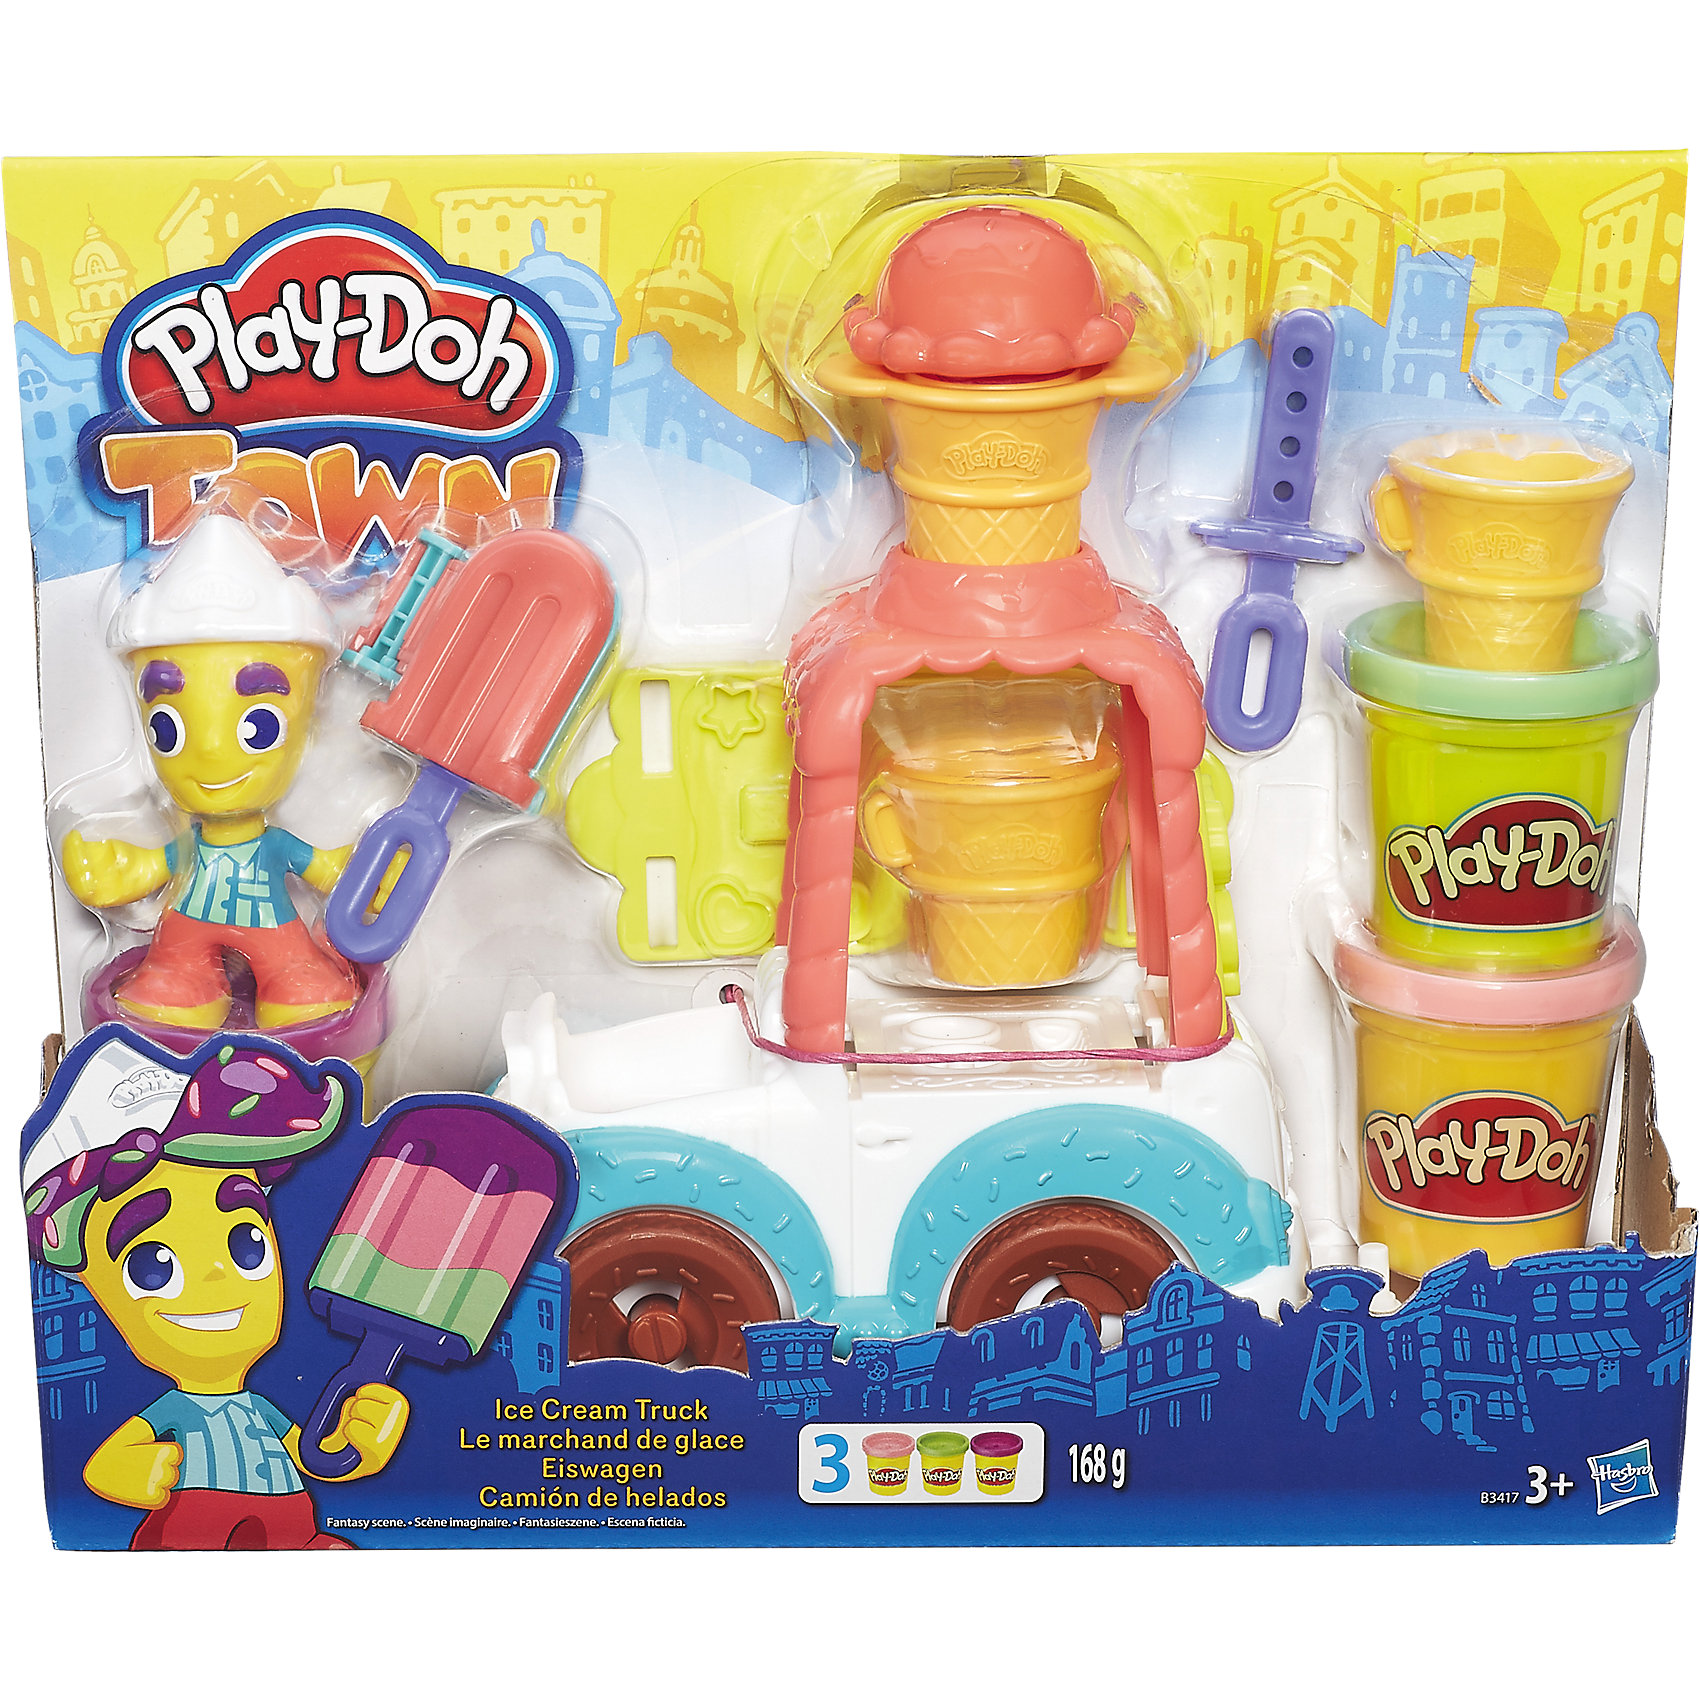 Игровой набор Грузовичок с мороженым, Play-Doh ГородНаборы для лепки<br>Игровой набор Грузовичок с мороженым, Play-Doh Город, непременно порадует всех маленьких любителей лепки и превратит творчество в веселую увлекательную игру. Яркая машинка развозит всем жителям города вкусное разноцветное мороженое. Машинкой управляет забавный человечек-мороженщик, который ловко приготовит всем лакомство на любой вкус. Грузовик и его отдельные детали можно использовать как формочки и дополнительными приспособлениями для лепки. Например, можно снять рожок с крыши грузовика, загрузить туда пластилин и выдавить - у Вас получится красивое мороженое или шапочка для человечка. С помощью пластилина Play-Doh ребенок может украсить грузовик и фигурку человечка, а также вылепить яркое мороженое - рожок или эскимо на палочке. Пластилин Play-Doh отличается высоким качеством, полностью безопасен для детей, не липнет к рукам и не пачкает одежду. Легко меняет форму и быстро высыхает.<br><br>Новая линейка Плей-До Город посвящена городской тематике и включает в себя наборы с фигурками человечков, зданий и городского транспорта. Наборы Город прекрасно дополняют друг друга, позволяя создавать свой собственный Play-Doh мир и устраивать увлекательные игры с друзьями. Занятия лепкой развивают у ребенка фантазию, творческие способности и объемное воображение, тренируют координацию движений и мелкую моторику.<br><br>Дополнительная информация:<br><br>- В комплекте: грузовик мороженщика, фигурка, аксессуары, 3 баночки пластилина Play-Doh.<br>- Материал: пластик, пластилин. <br>- Размер упаковки: 27,9 х 7,9 х 21,6 см.<br>- Вес: 168 гр.<br><br>Игровой набор Грузовичок с мороженым, Play-Doh (Плей-До) Город, можно купить в нашем интернет-магазине.<br><br>Ширина мм: 277<br>Глубина мм: 213<br>Высота мм: 81<br>Вес г: 538<br>Возраст от месяцев: 36<br>Возраст до месяцев: 72<br>Пол: Женский<br>Возраст: Детский<br>SKU: 4319035